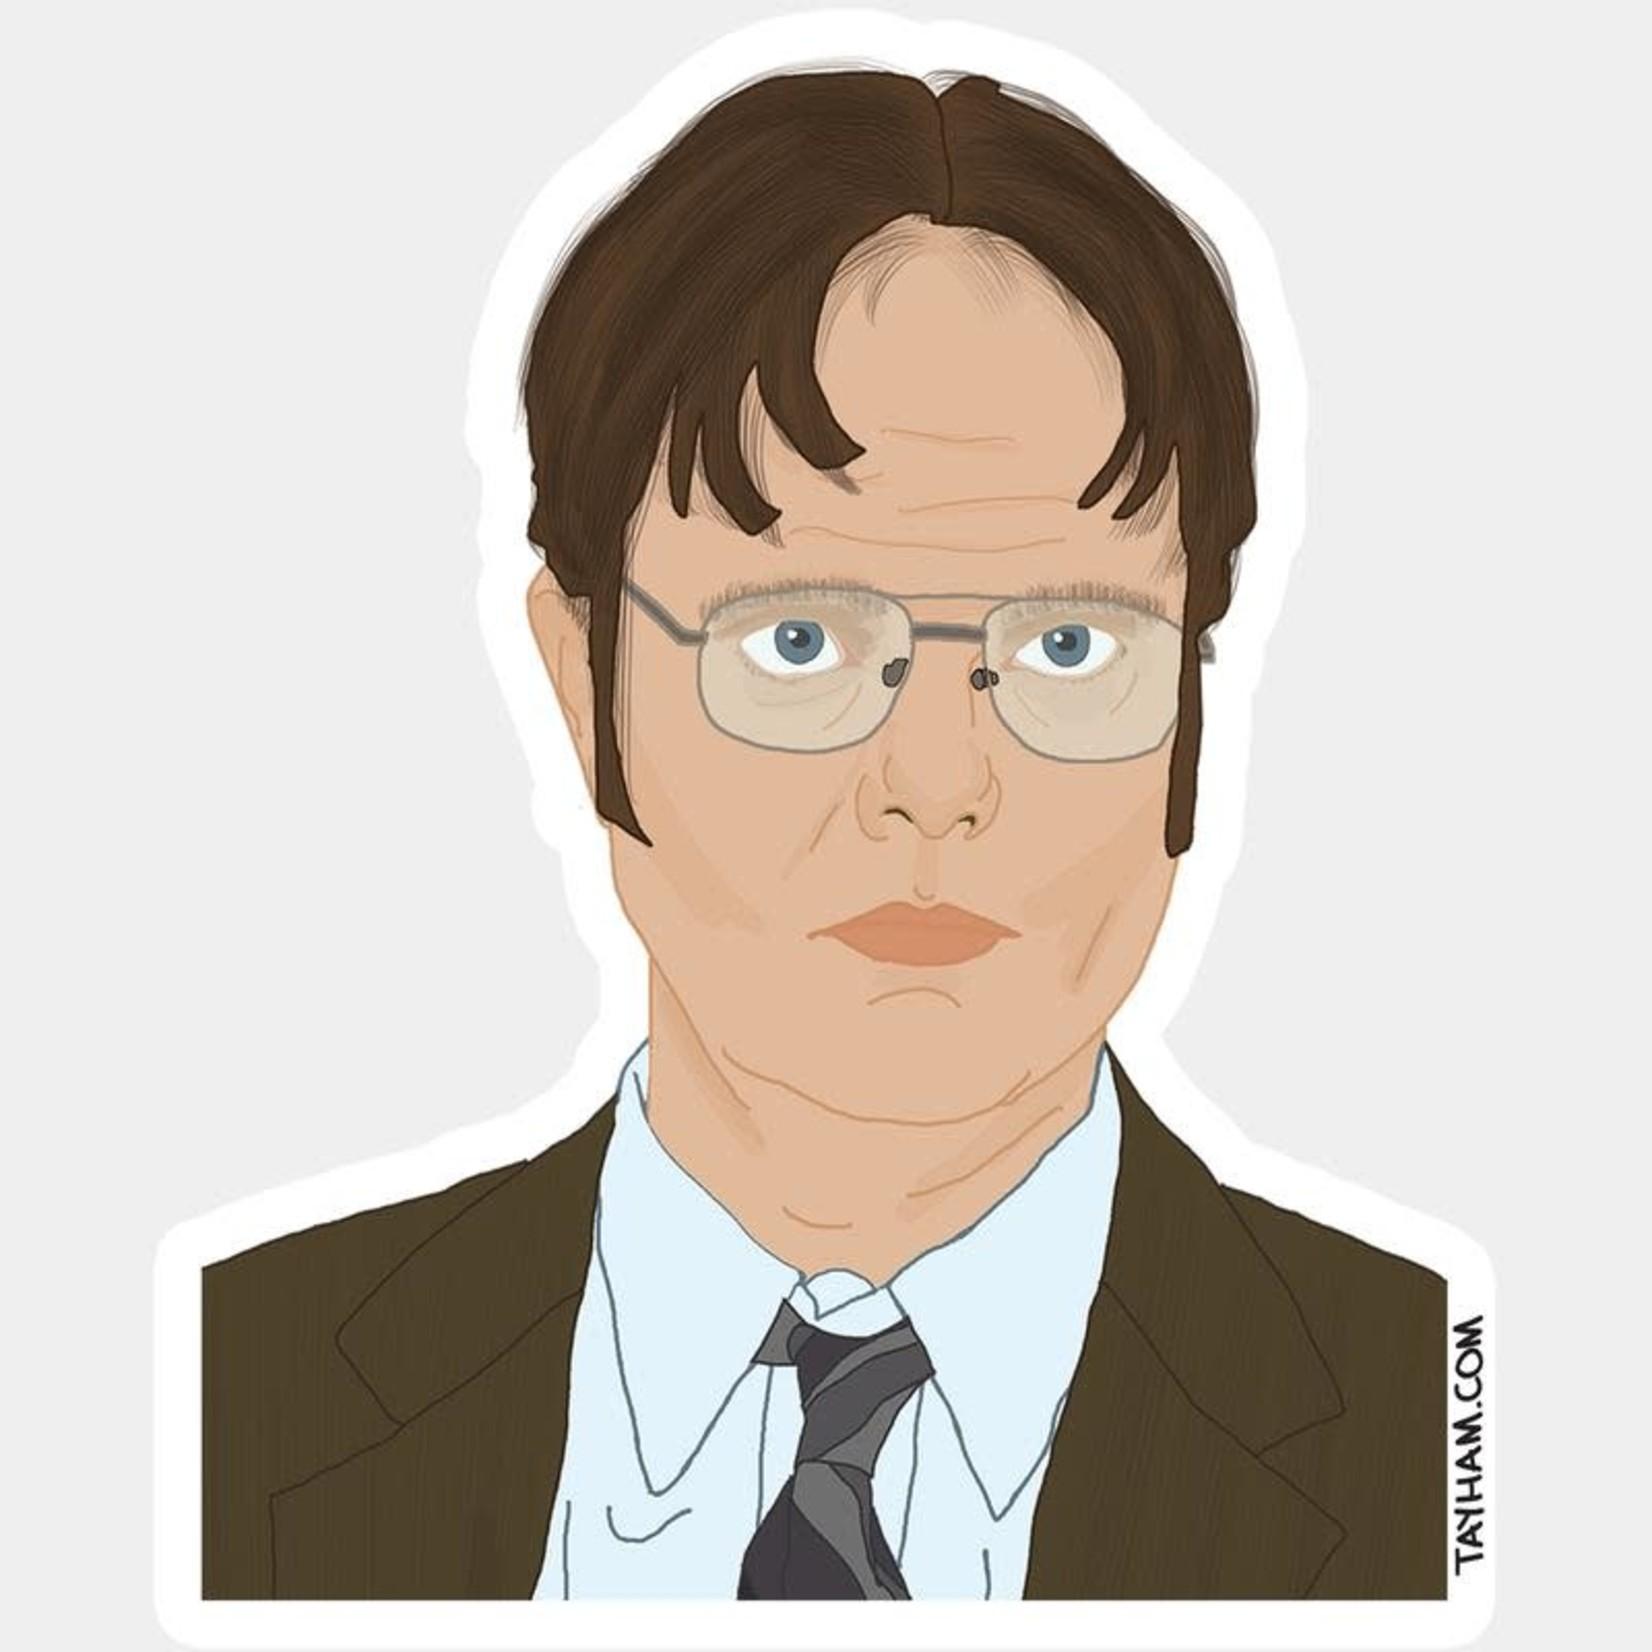 Tay Ham Tay Ham Sticker - THE OFFICE Dwight